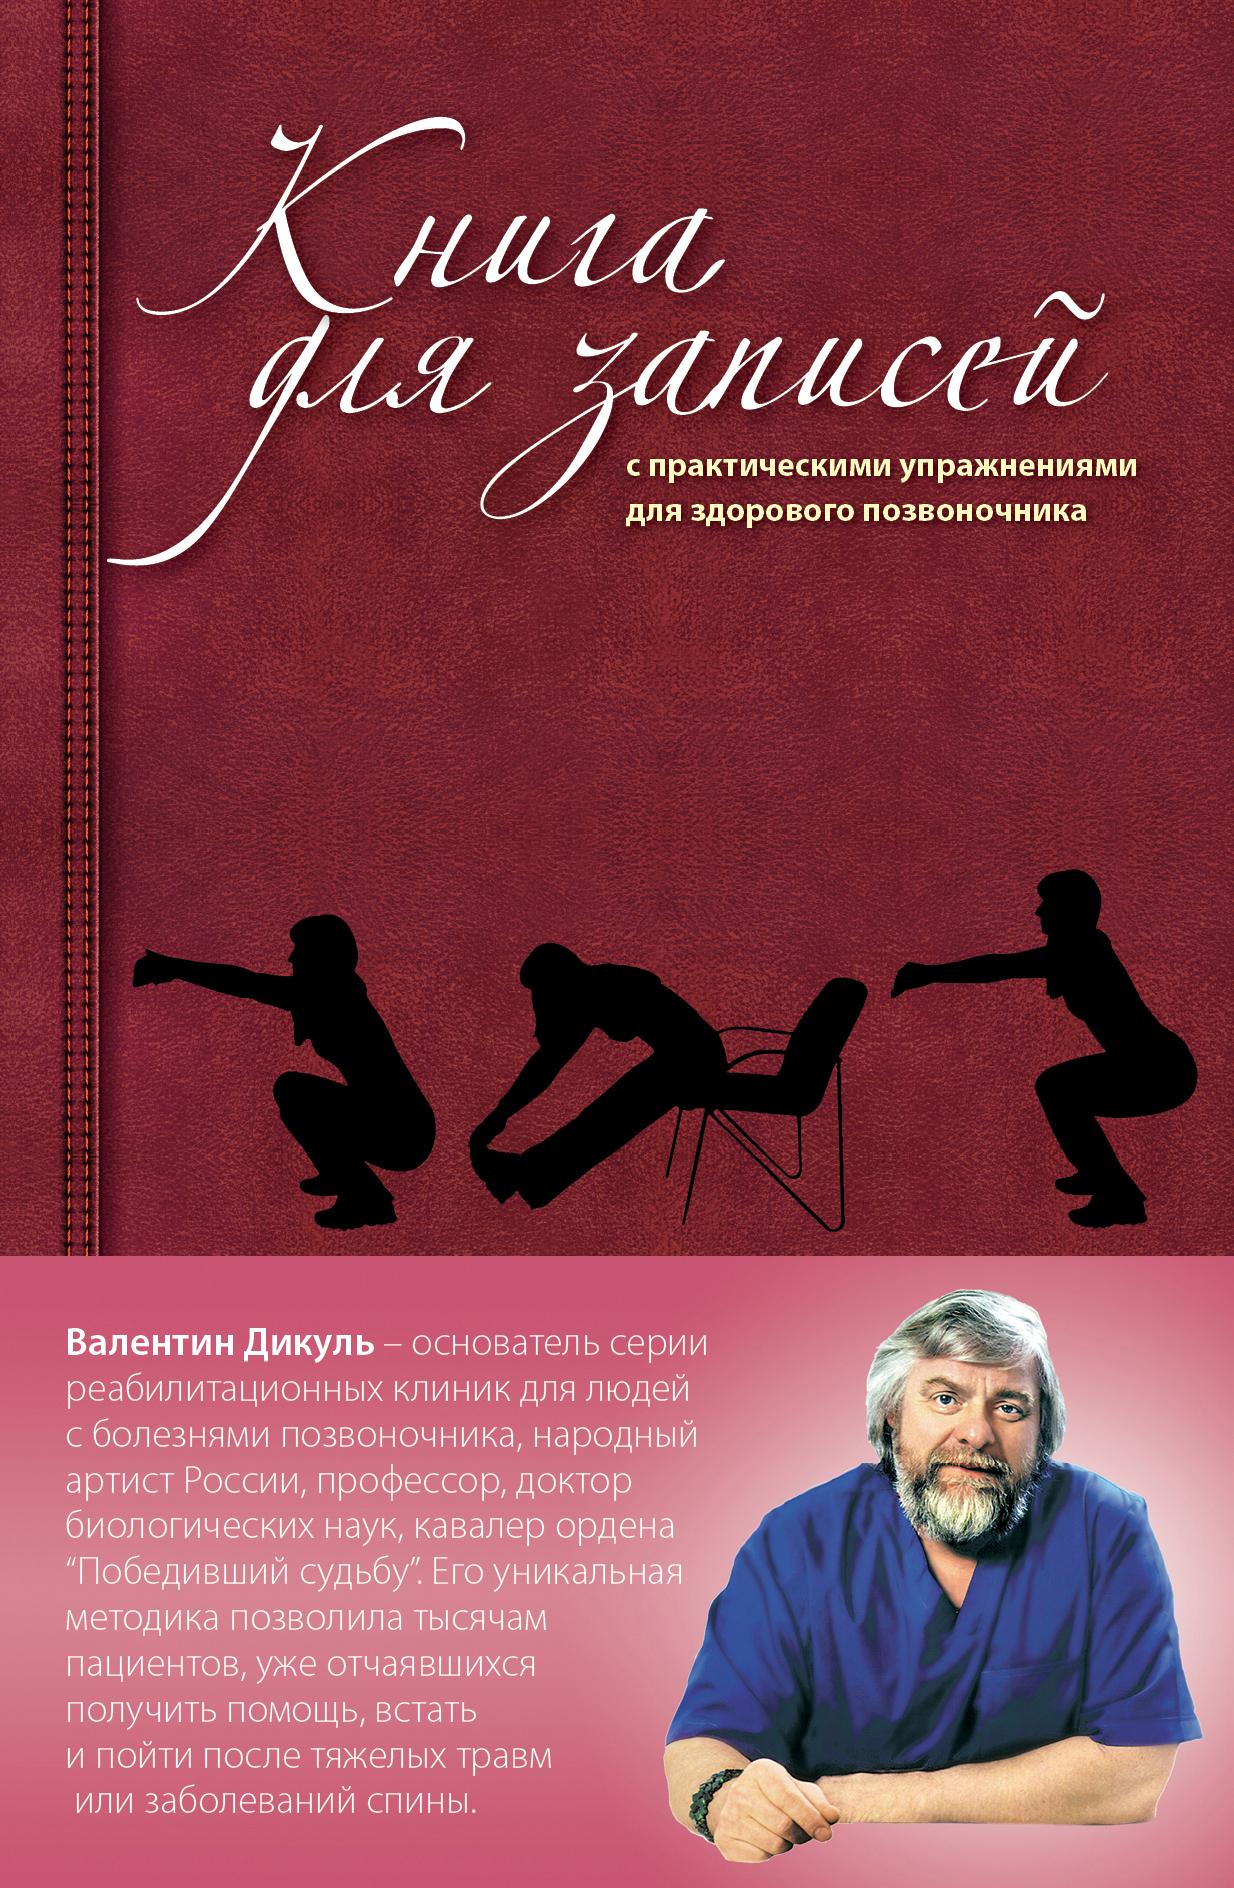 Дикуль В.И. Книга для записей с практическими упражнениями для здорового позвоночника (оформление 2) валентин дикуль за компьютером без боли в спине